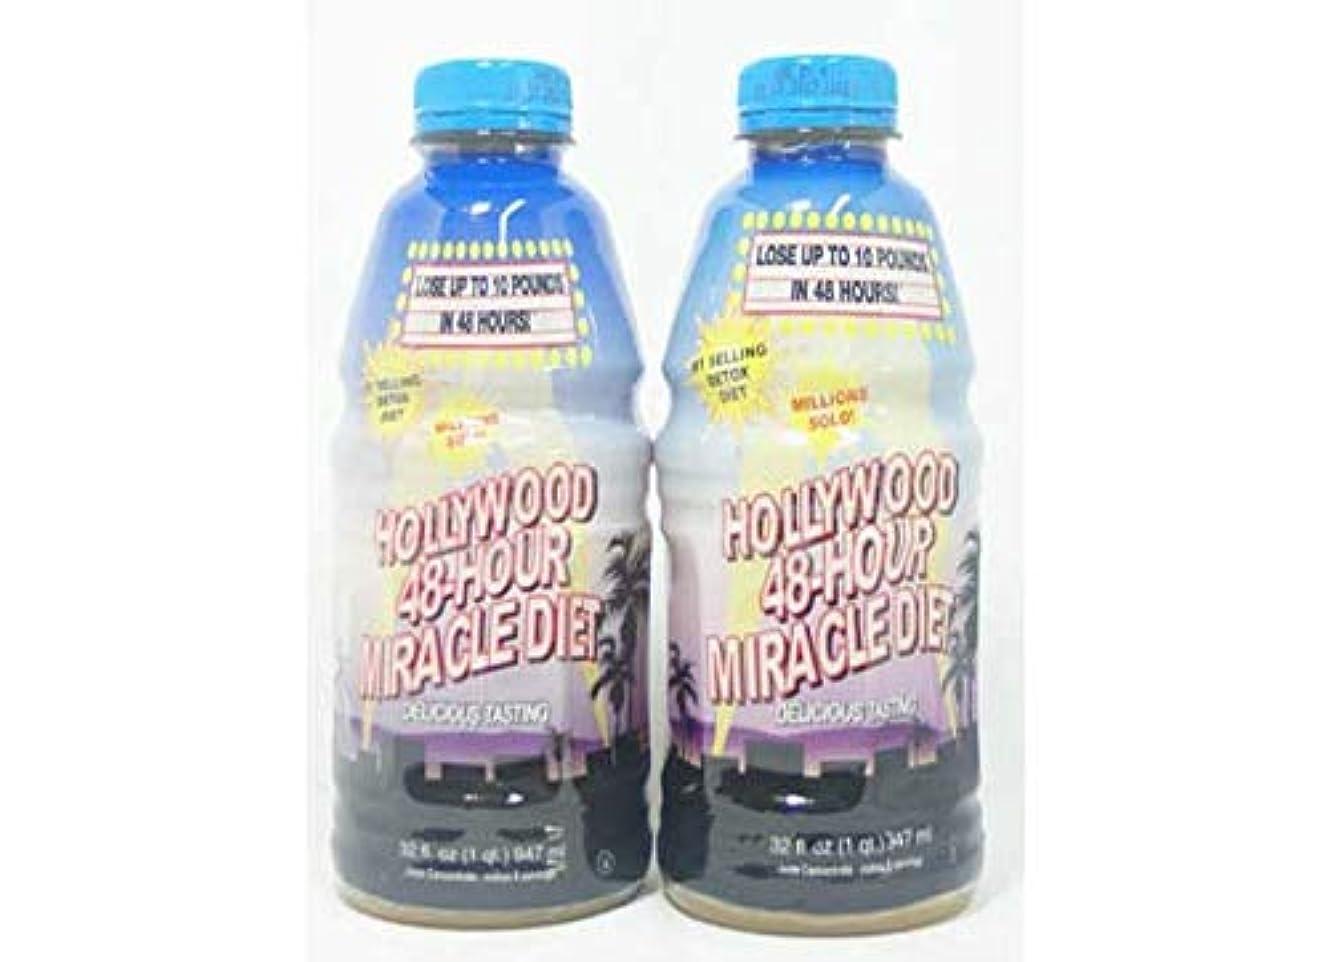 蒸気喜びデコレーションハリウッド48時間ミラクルダイエットジュース947ml 2本